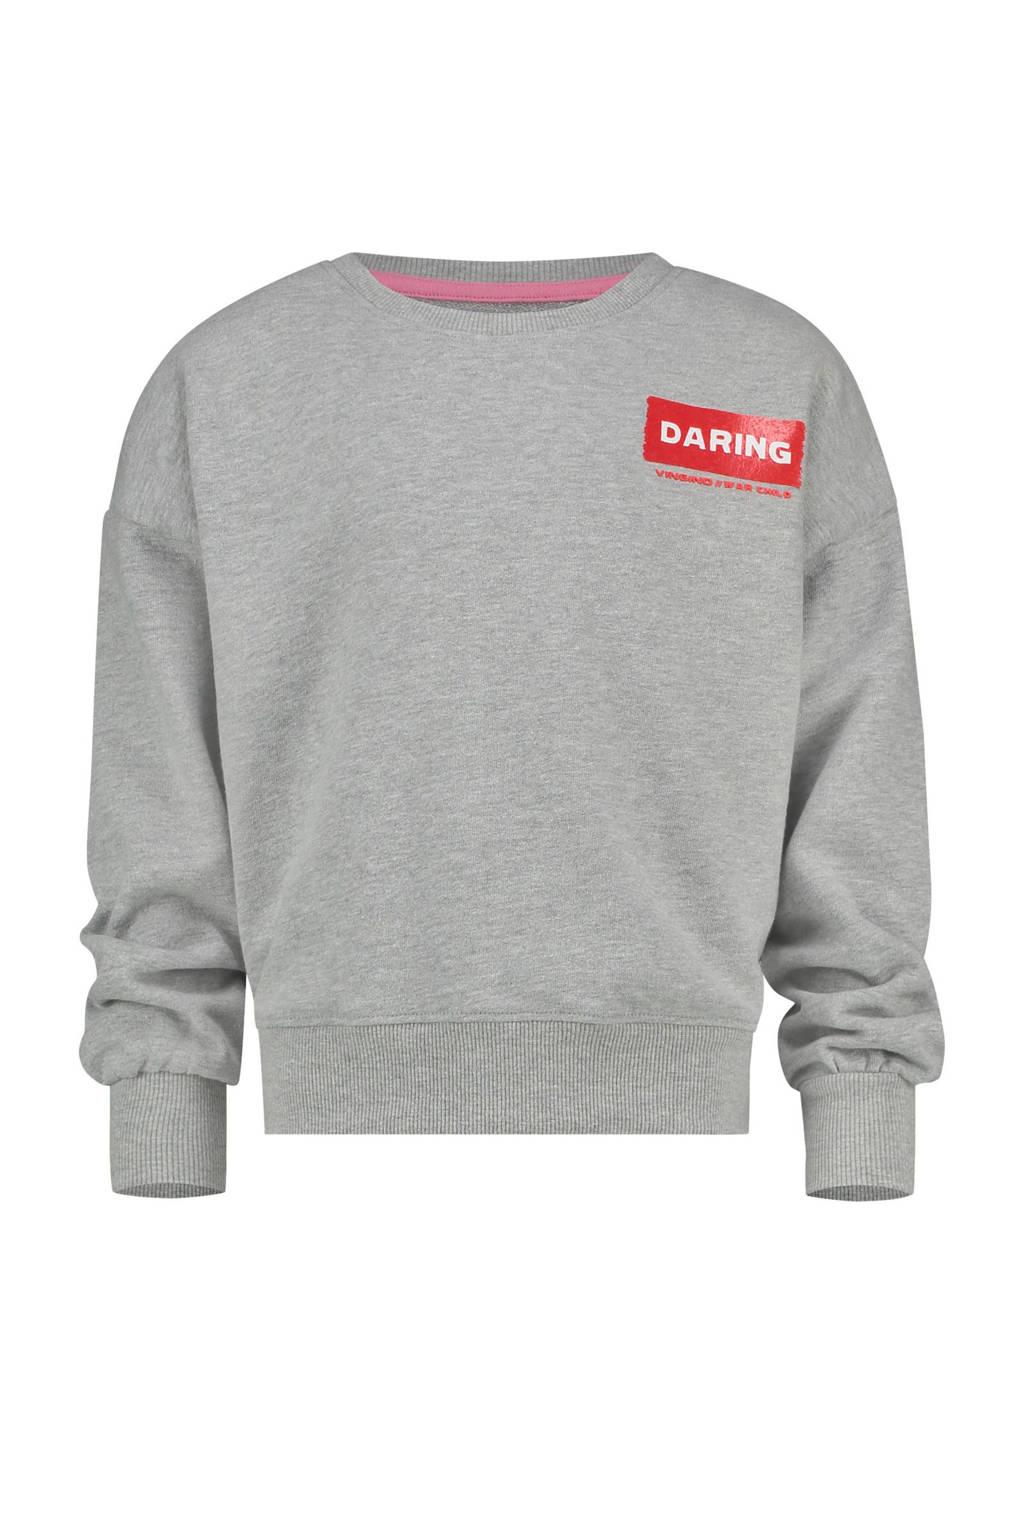 Vingino sweater Nour met printopdruk grijs melange, Grijs melange